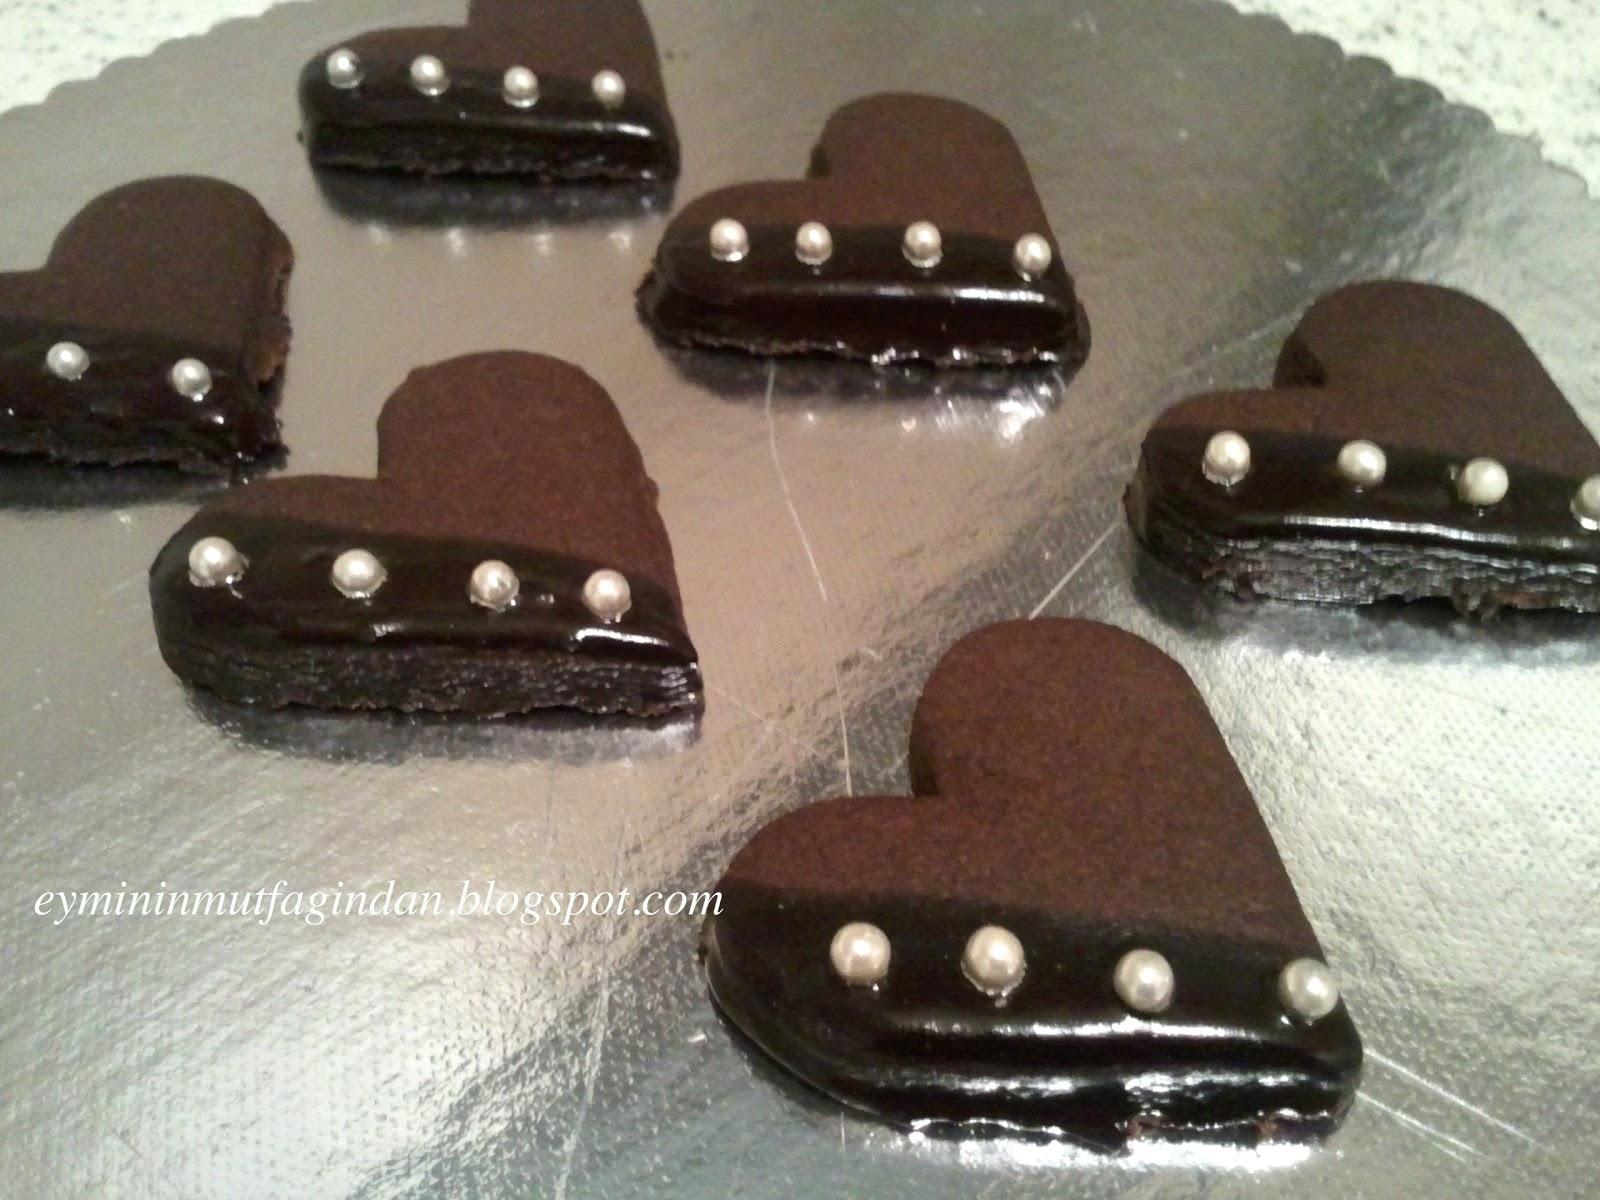 Çikolatalı Kaplı Minik Kurabiye Tarifi